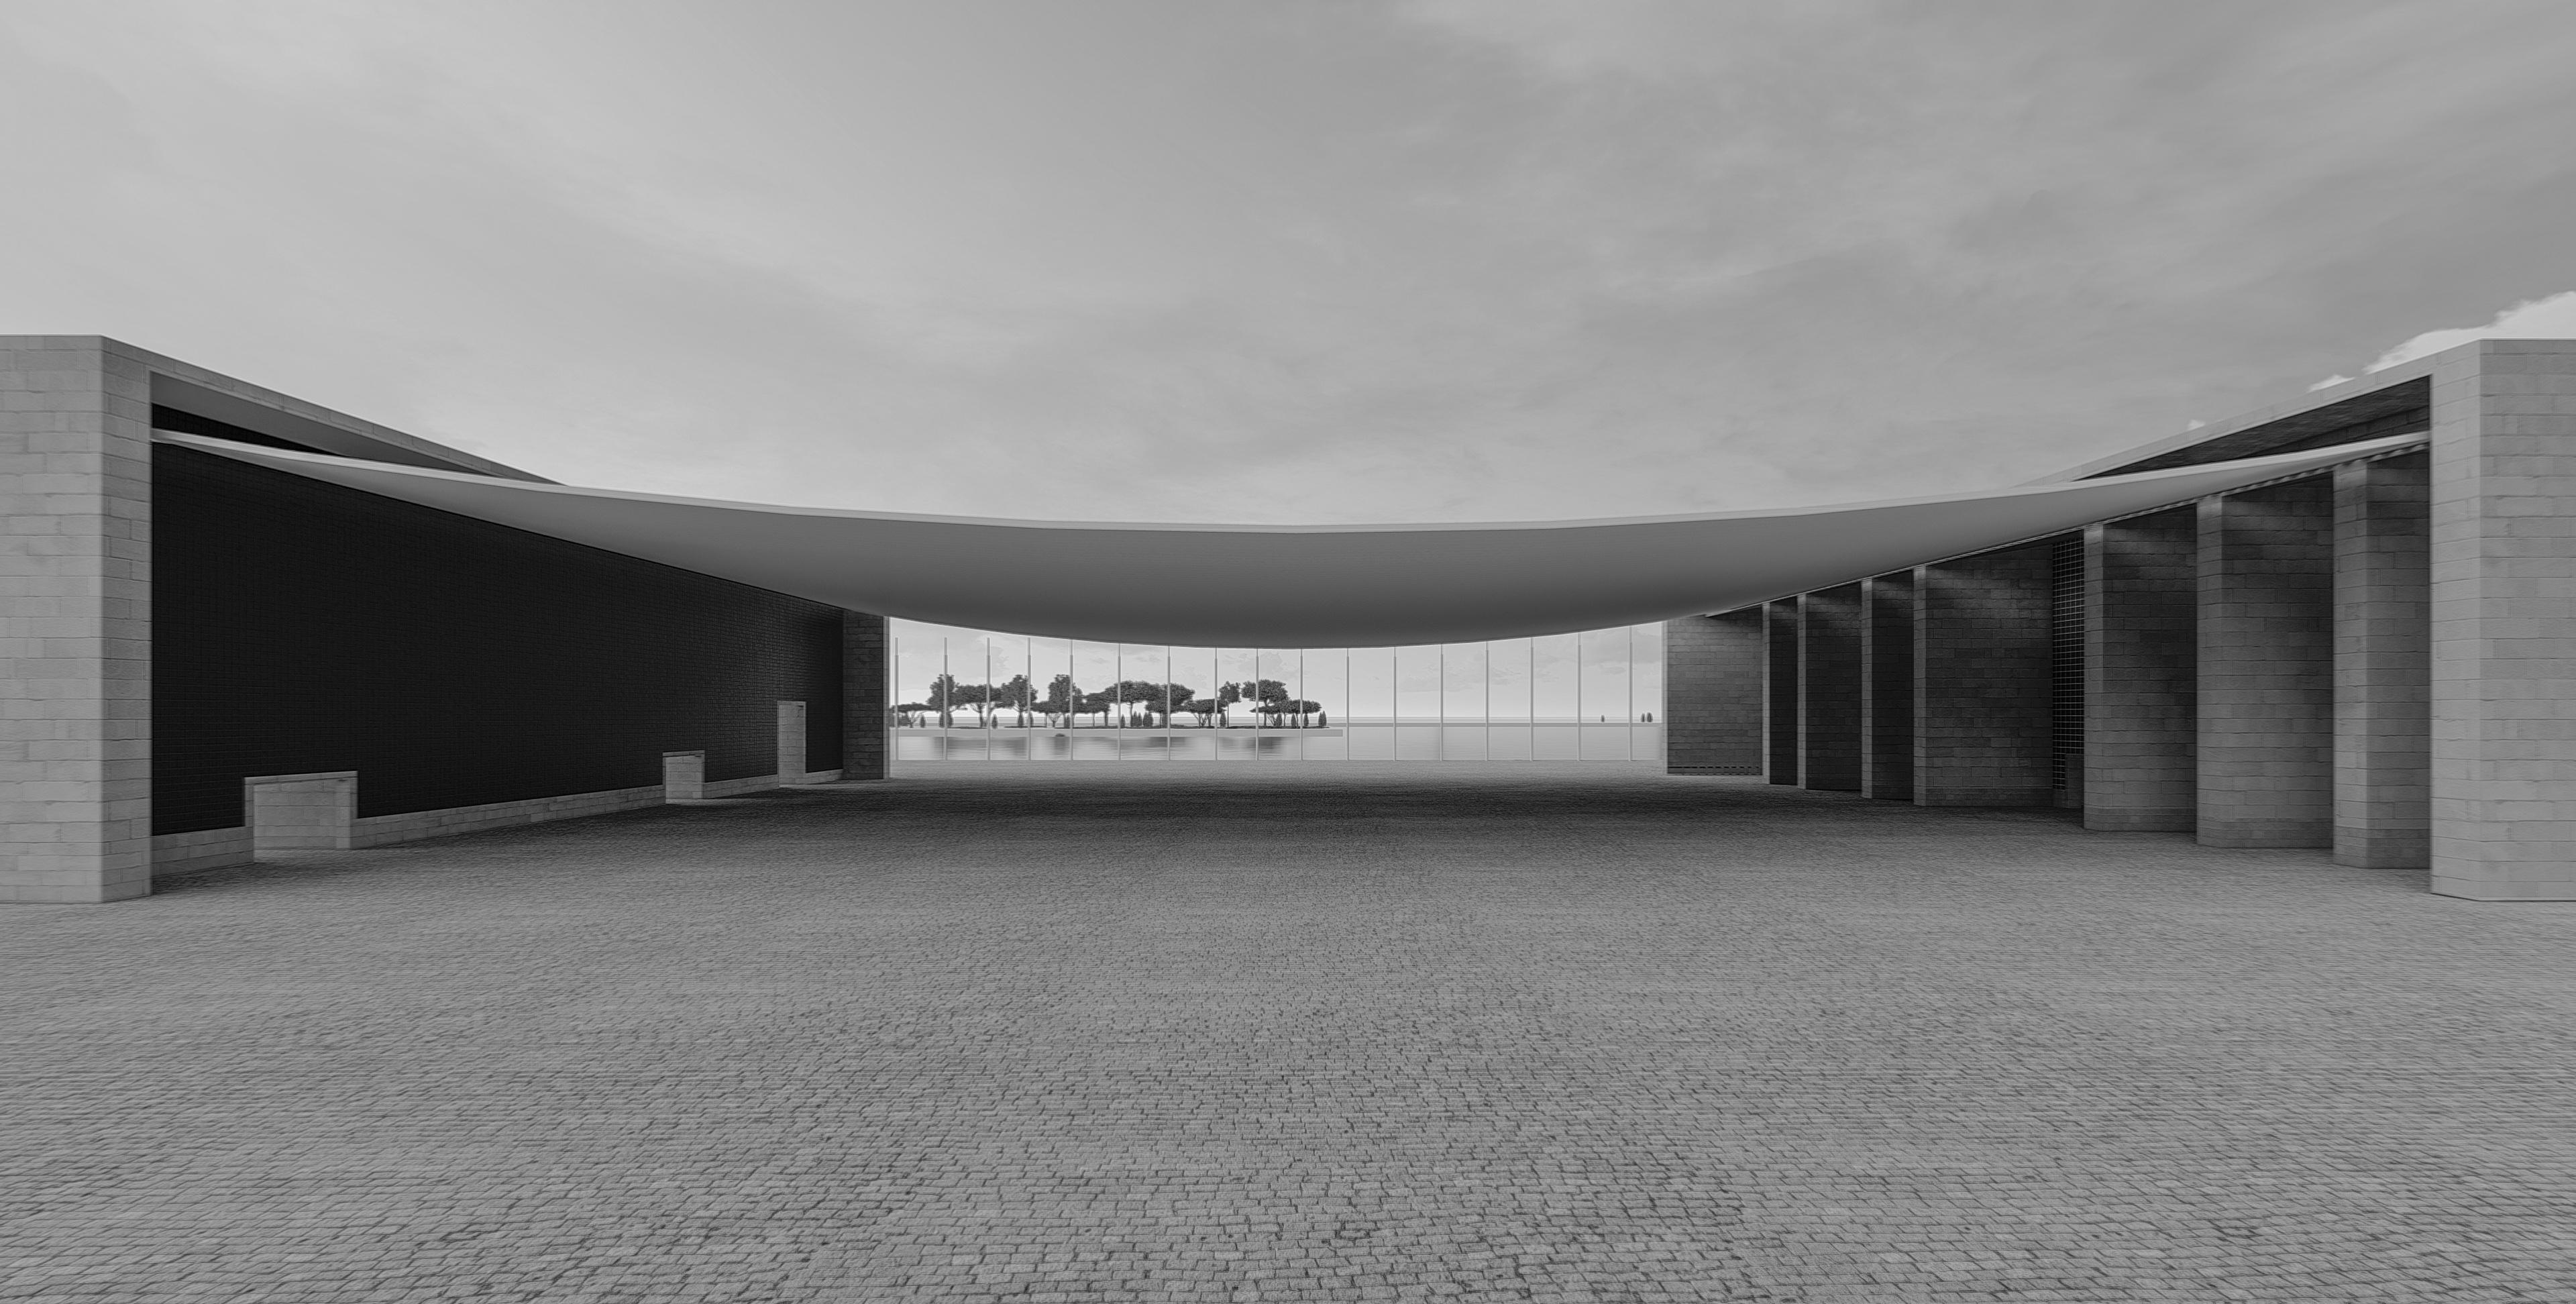 Exterior-3D-Visualisierung, Renderings Architektur Rendering